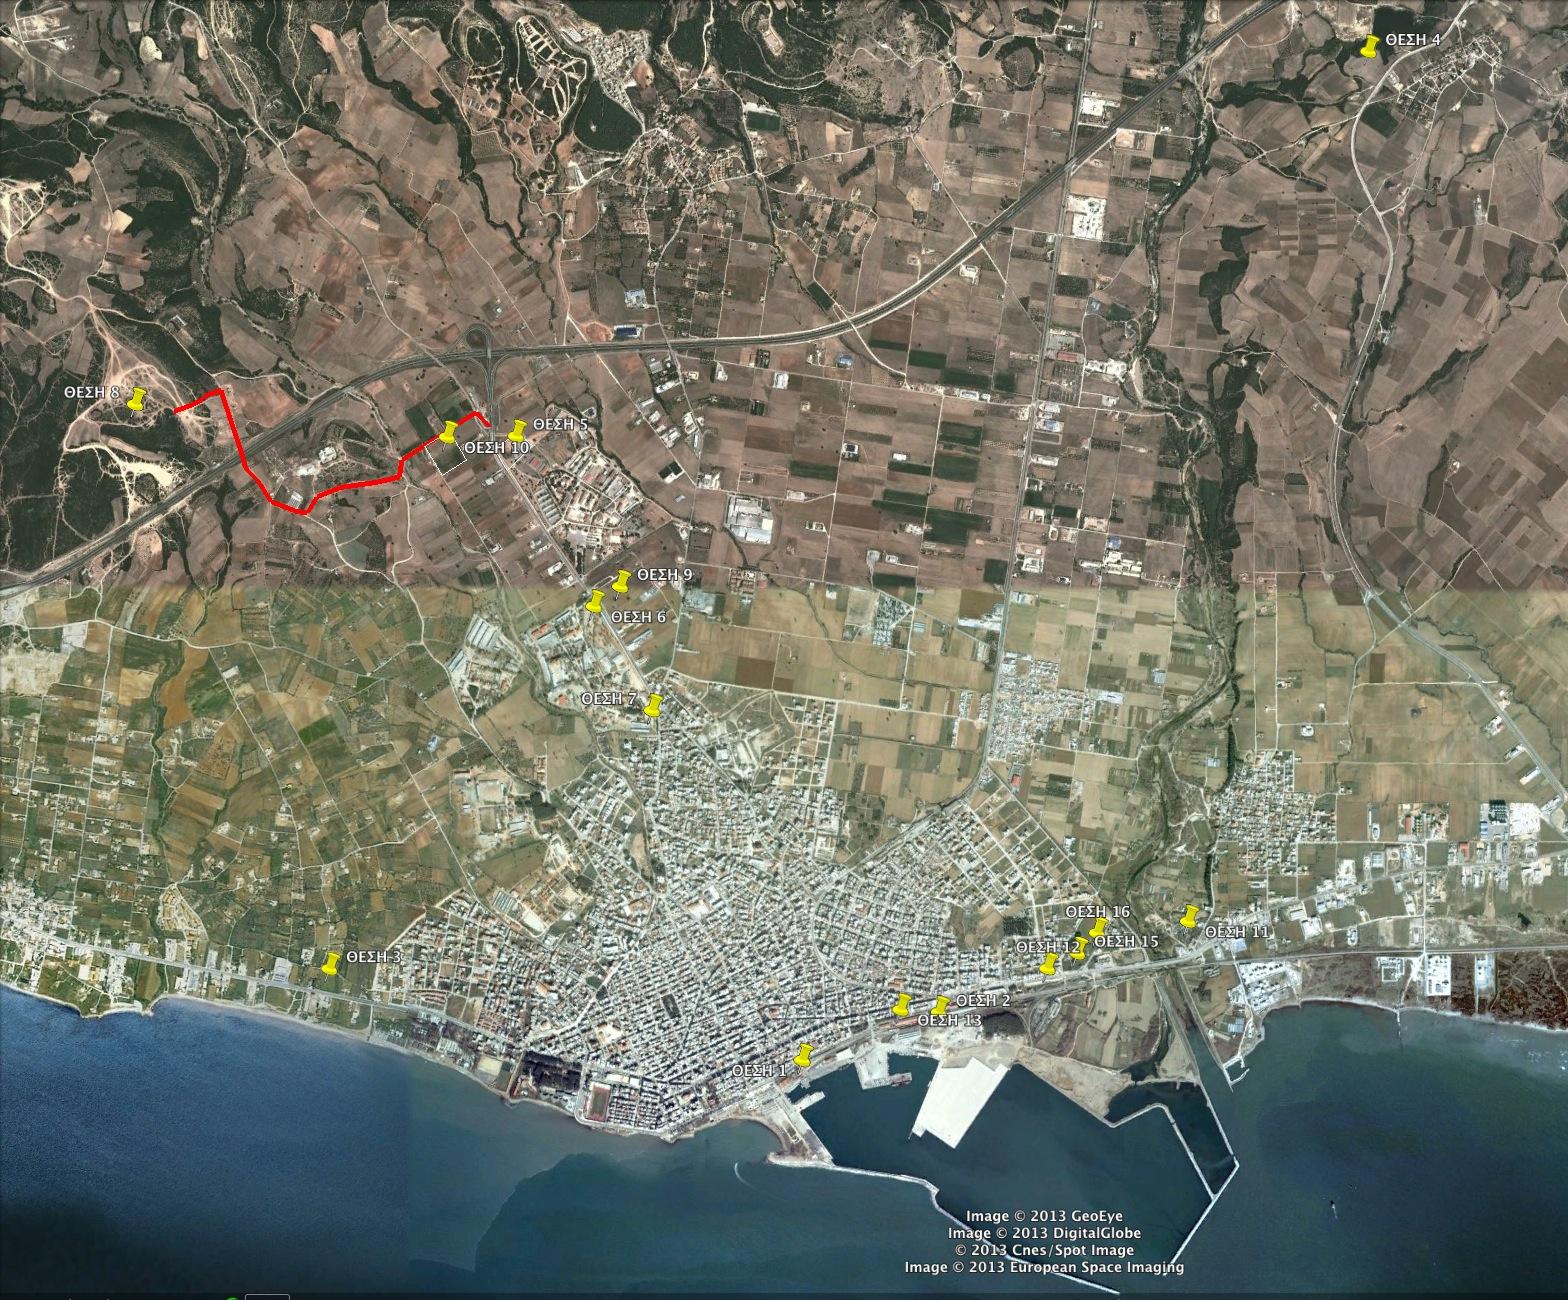 Προτεινόμενες χωροθετήσεις ΚΤΕΛ (ΔΣ 17/01/2013)